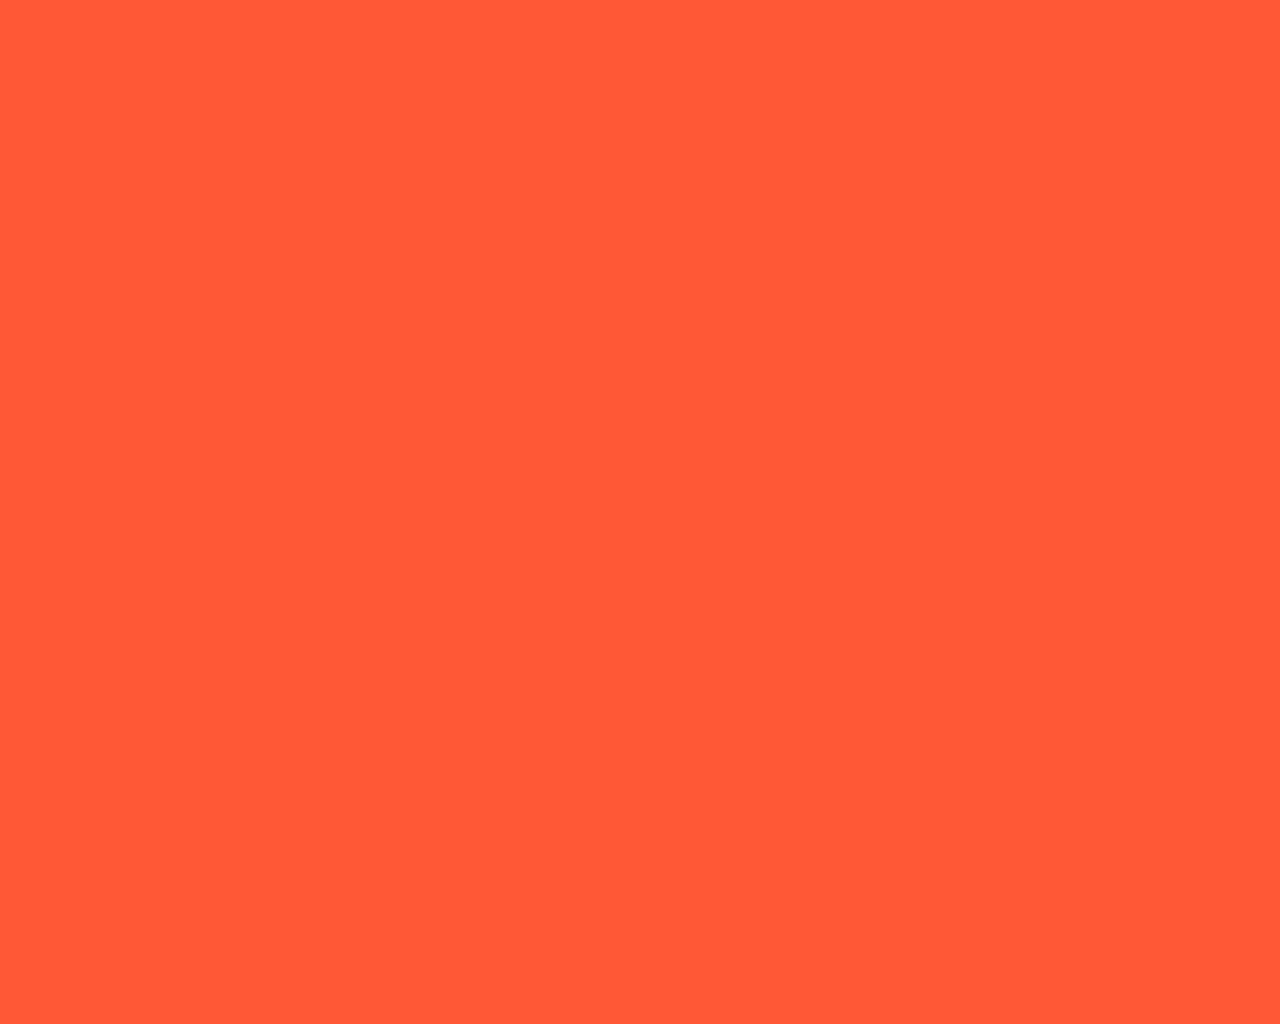 1280x1024 Portland Orange Solid Color Background